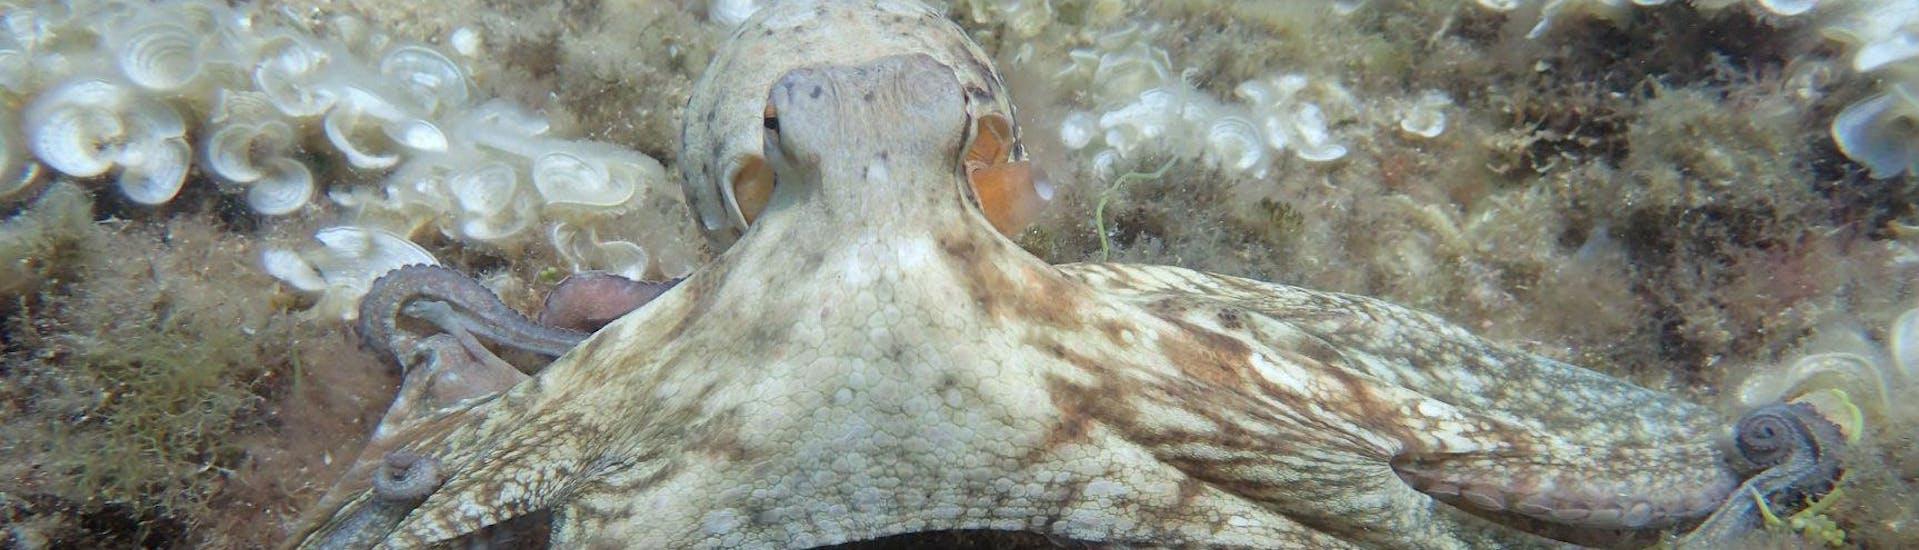 Buceo - Inmersión Guiada en Barco de Noche en Benidorm